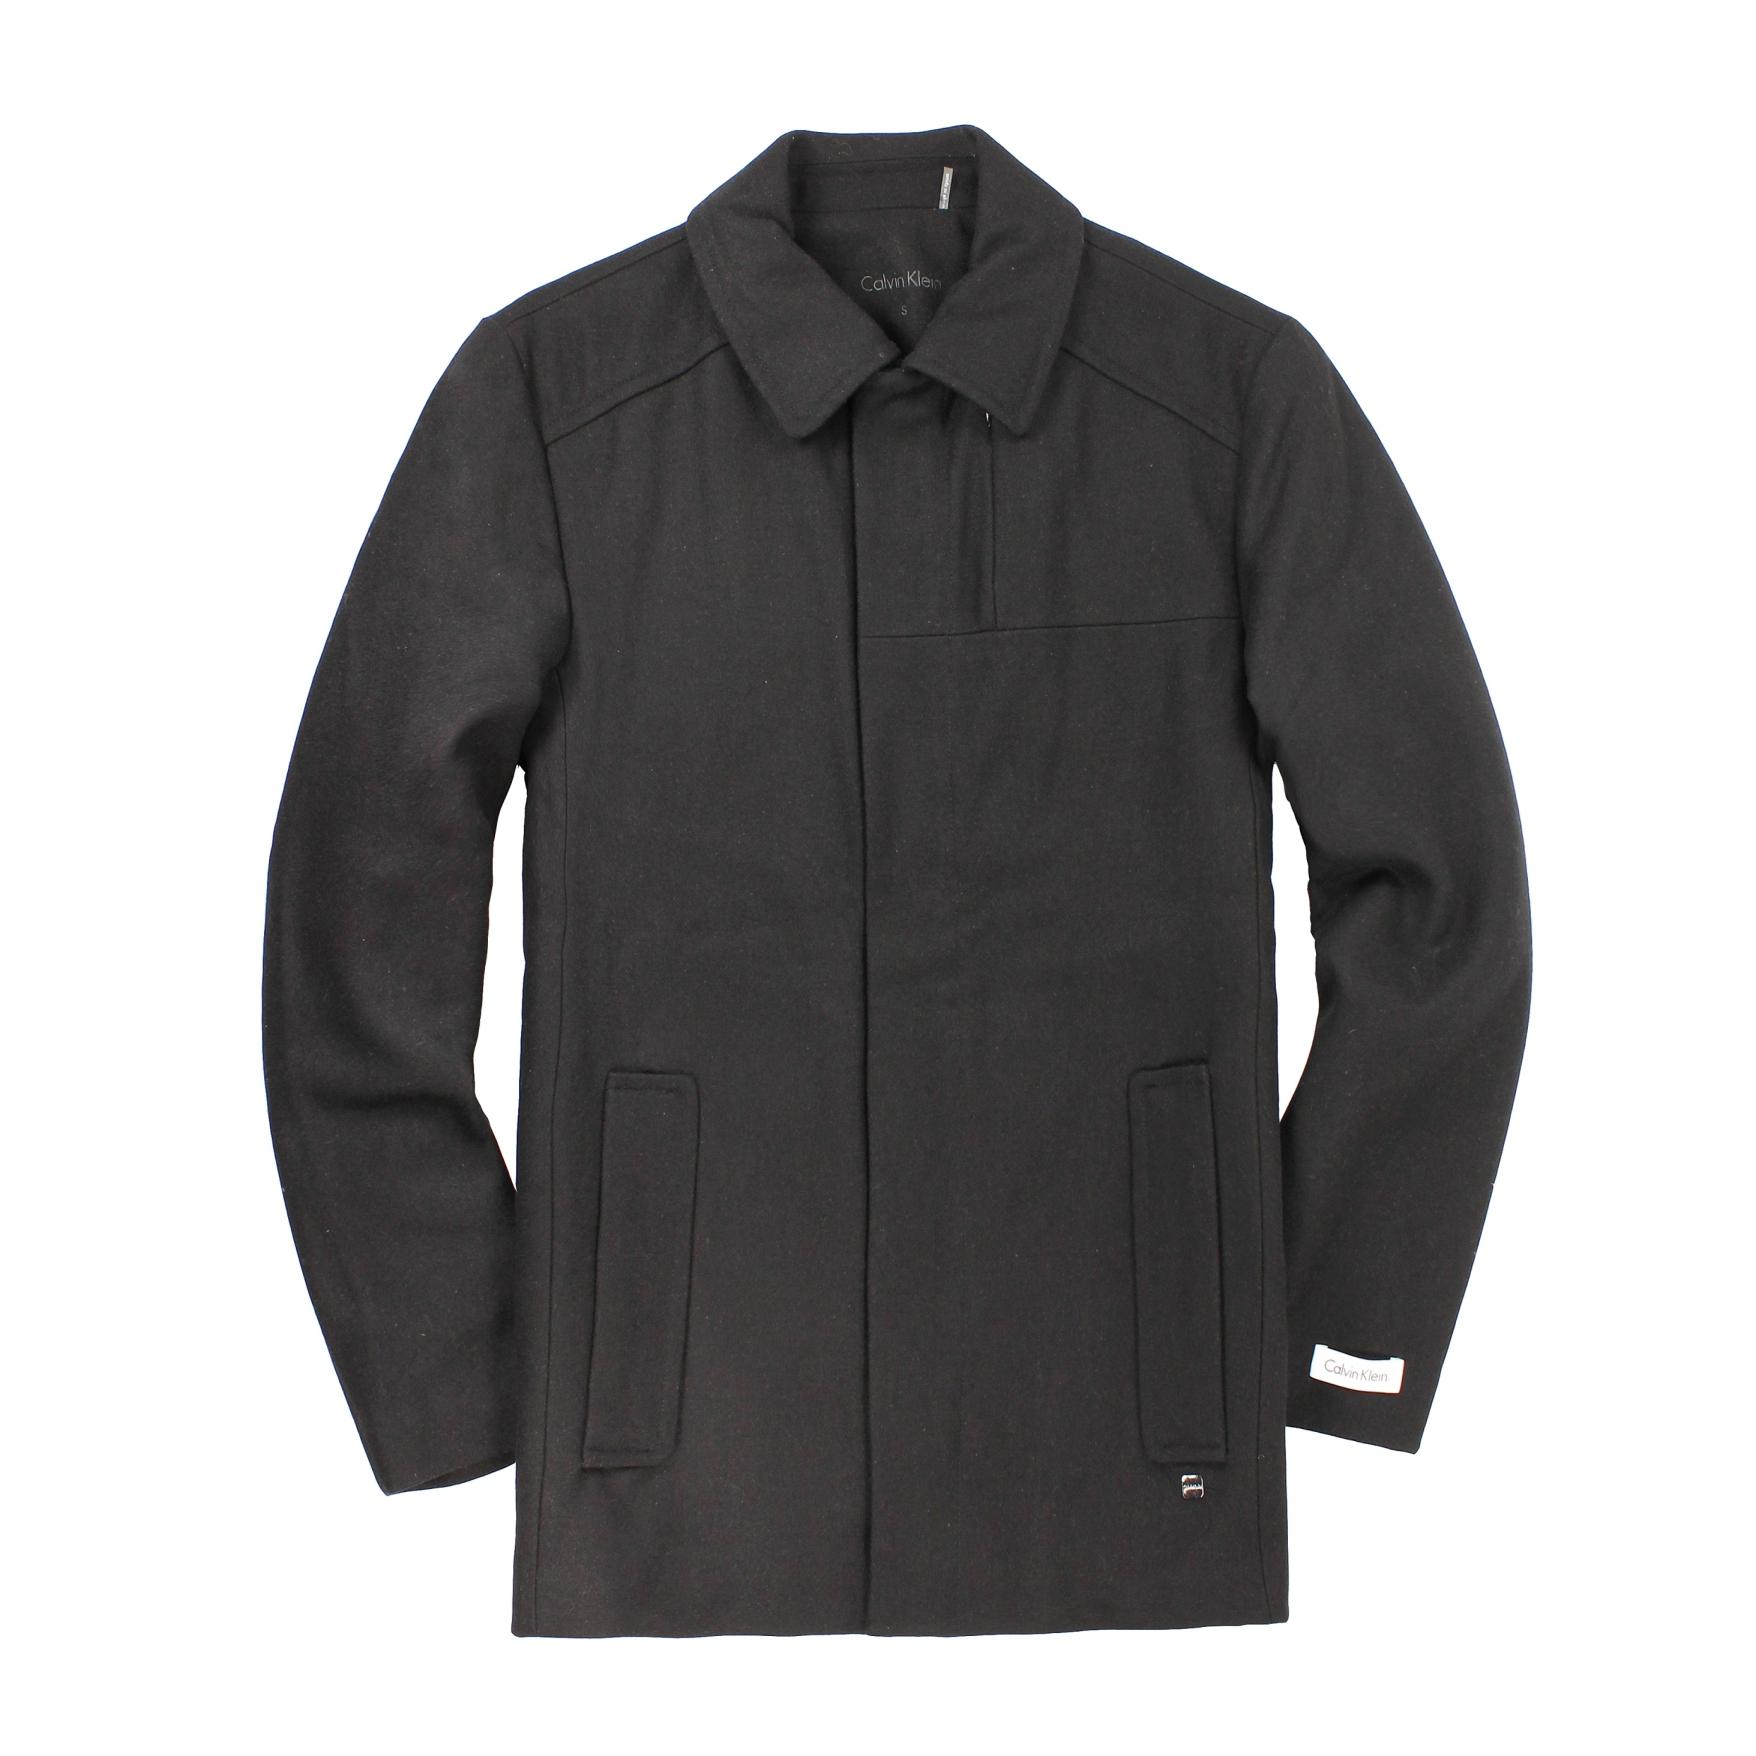 美國百分百【全新真品】Calvin Klein 外套 CK 大衣 毛呢外套 黑色 鋪棉 羊毛 口袋 厚 男款 M號 B910